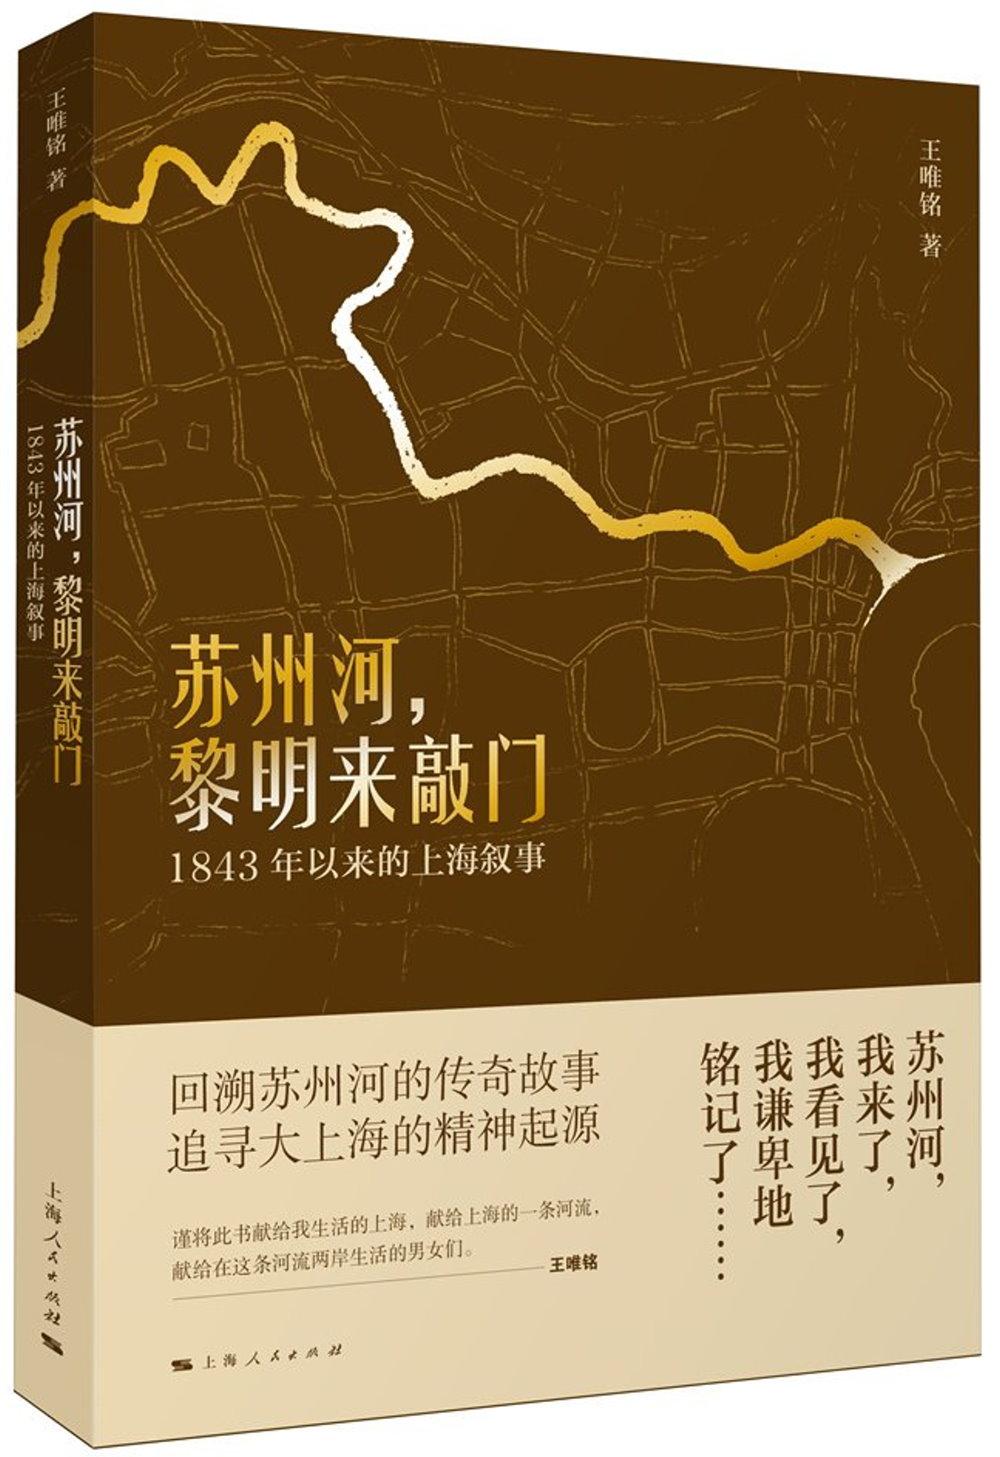 蘇州河,黎明來敲門:1843年以來的上海敘事